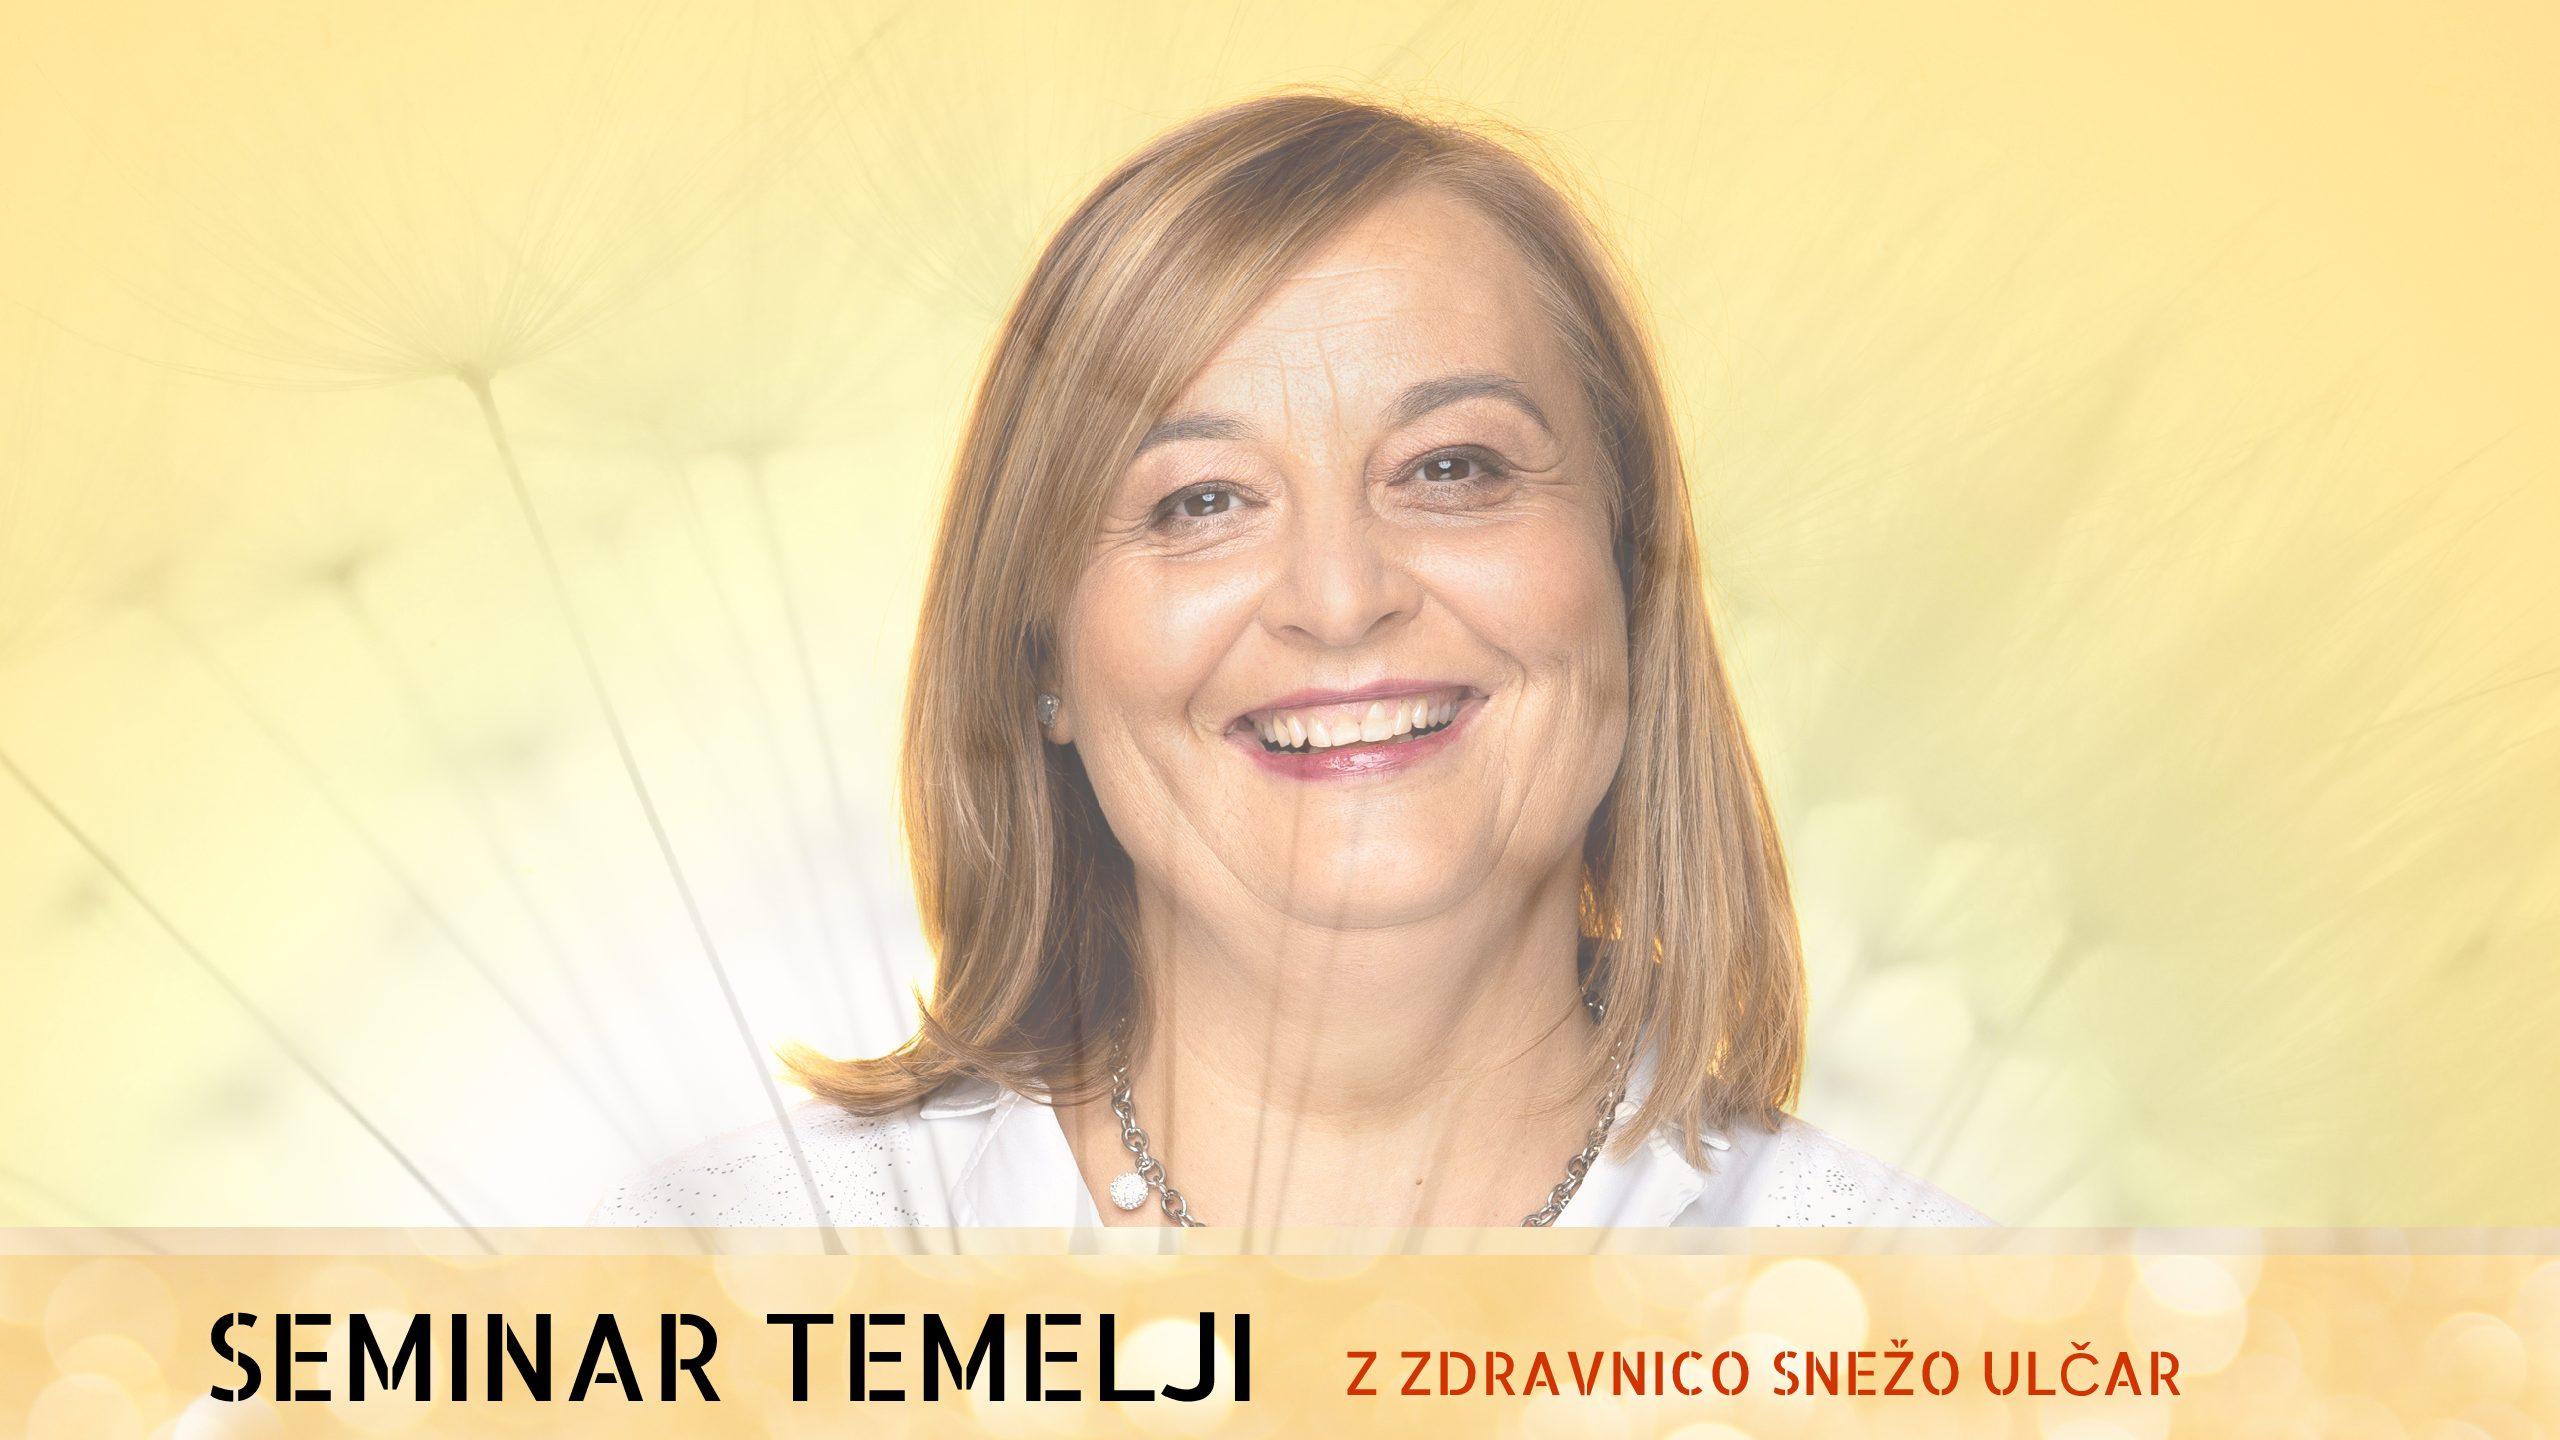 Seminar Temelji z zdravnico, 16.-19.3.2019